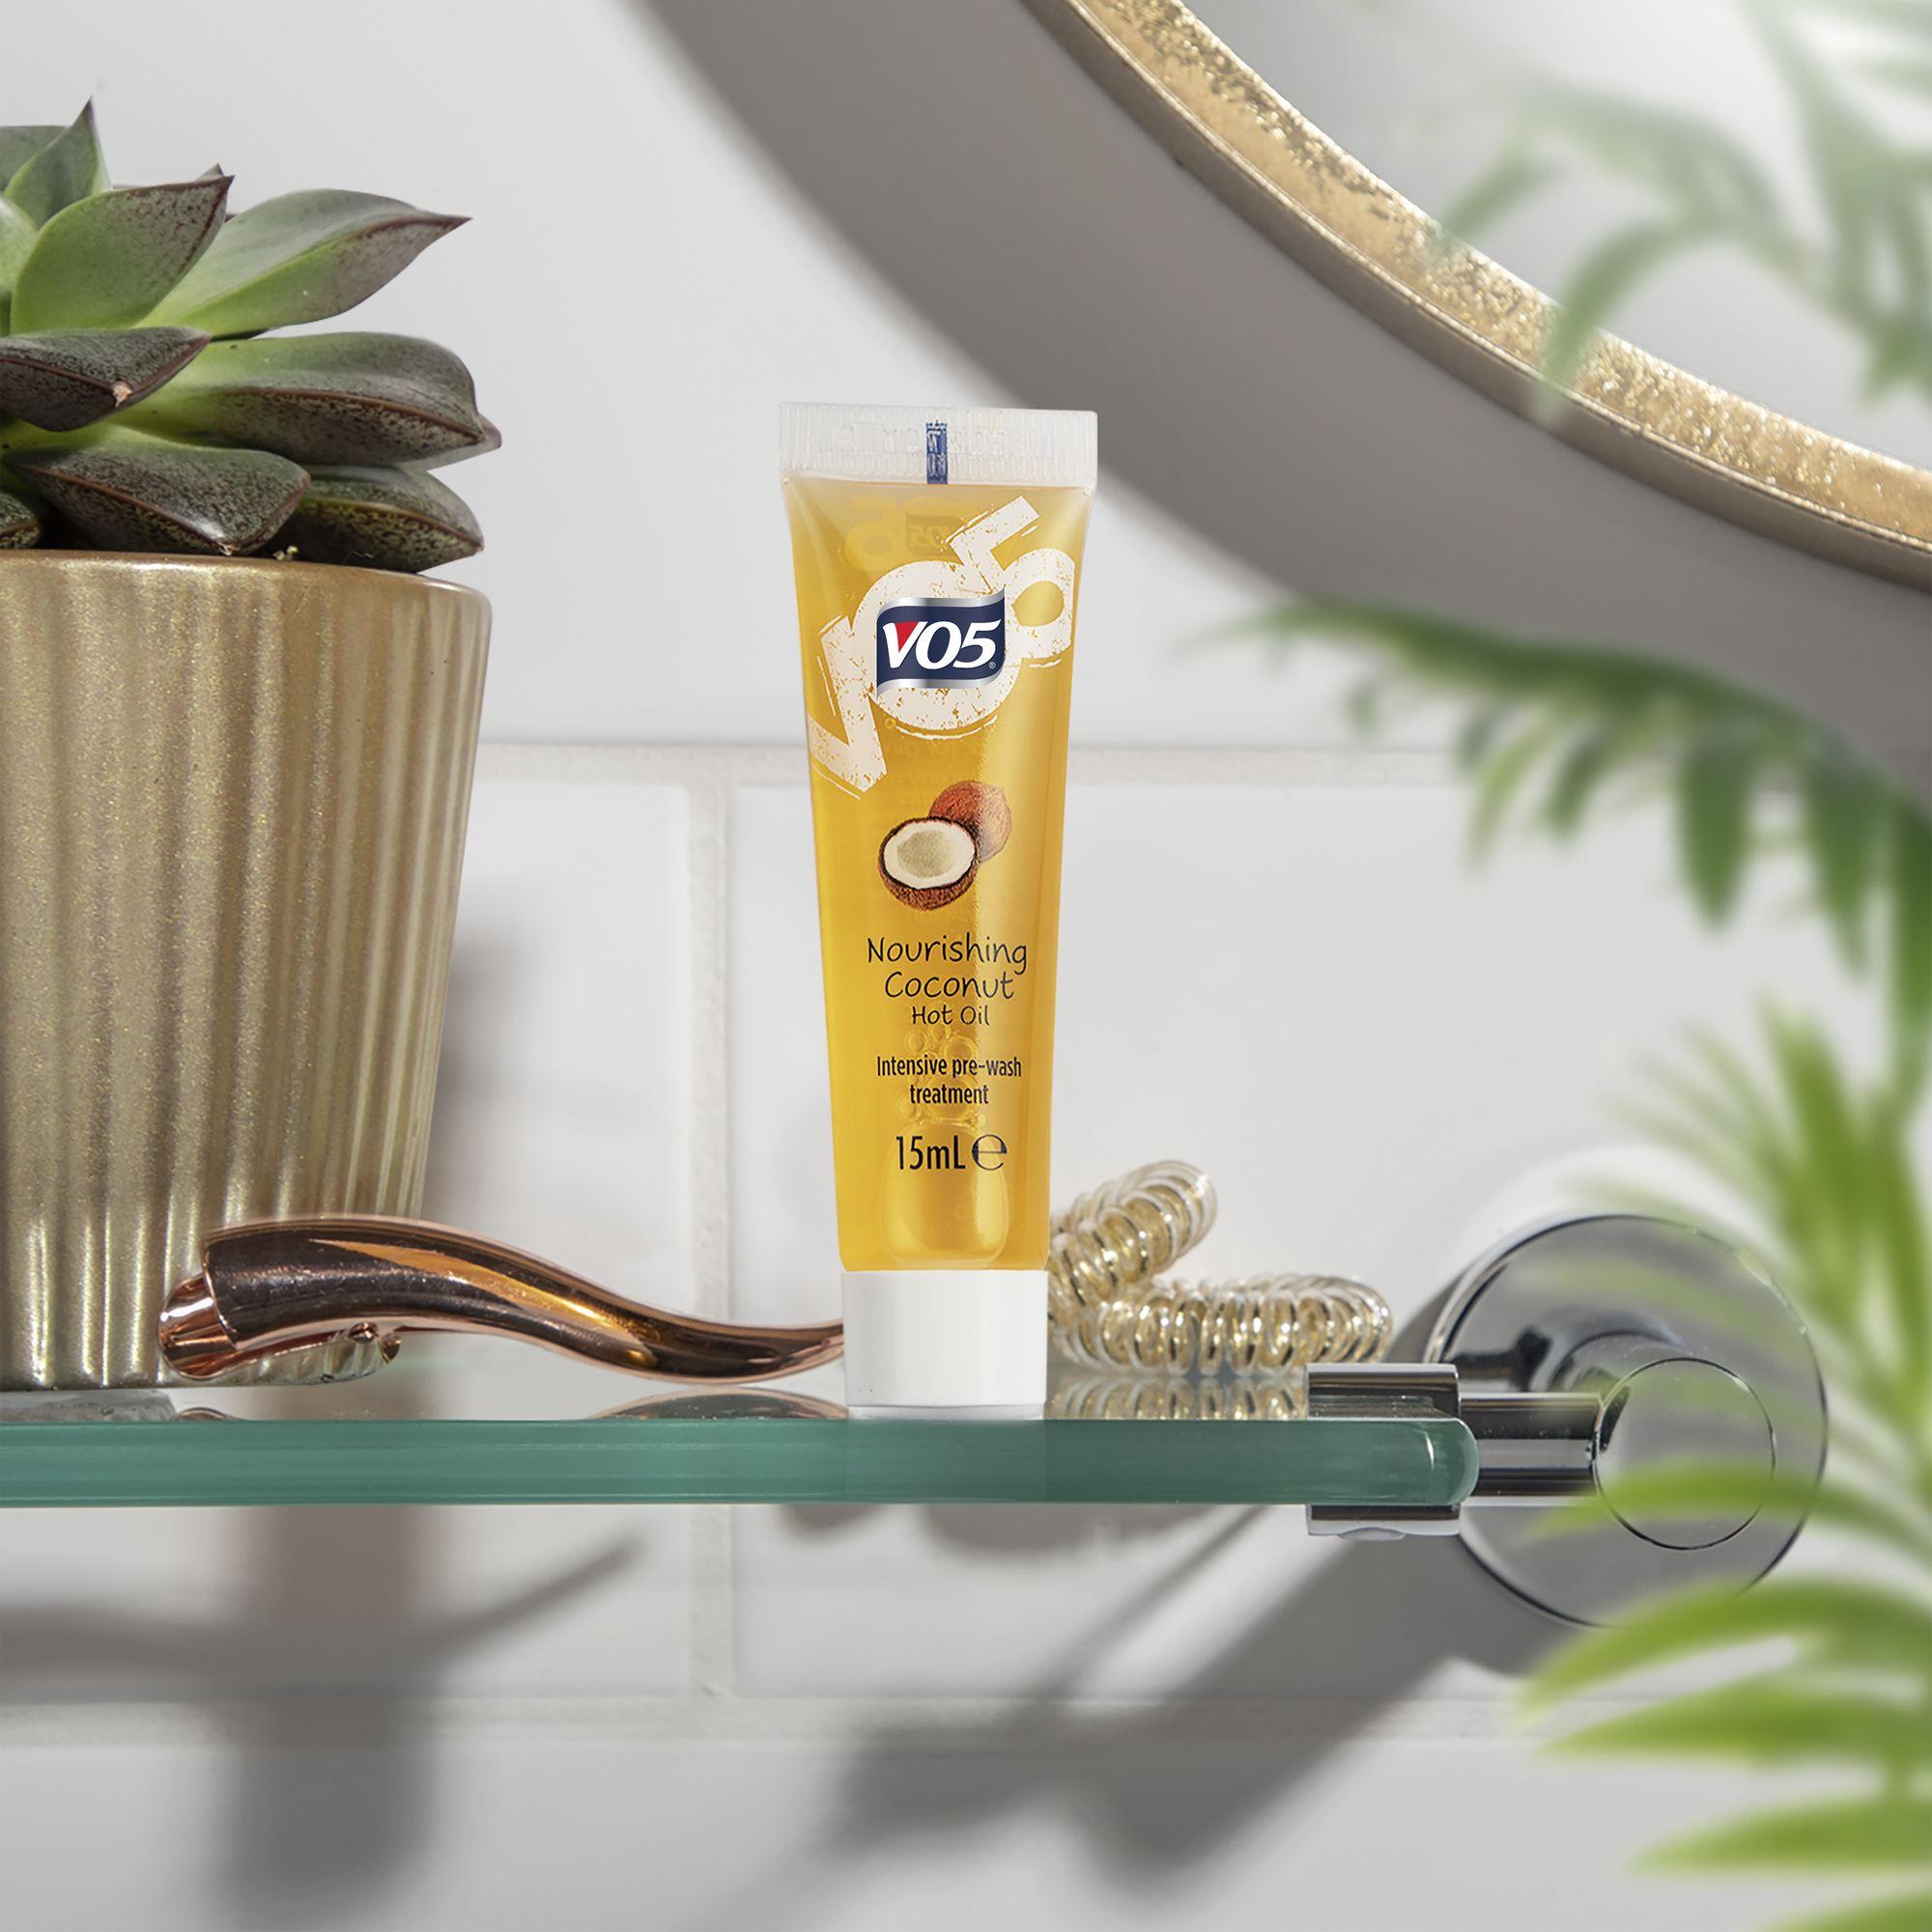 Les traitements à l'huile chaude : Prise de vue de l'huile de noix de coco nourrissante VO5 dans une salle de bain, avec des plantes contre un mur blanc.